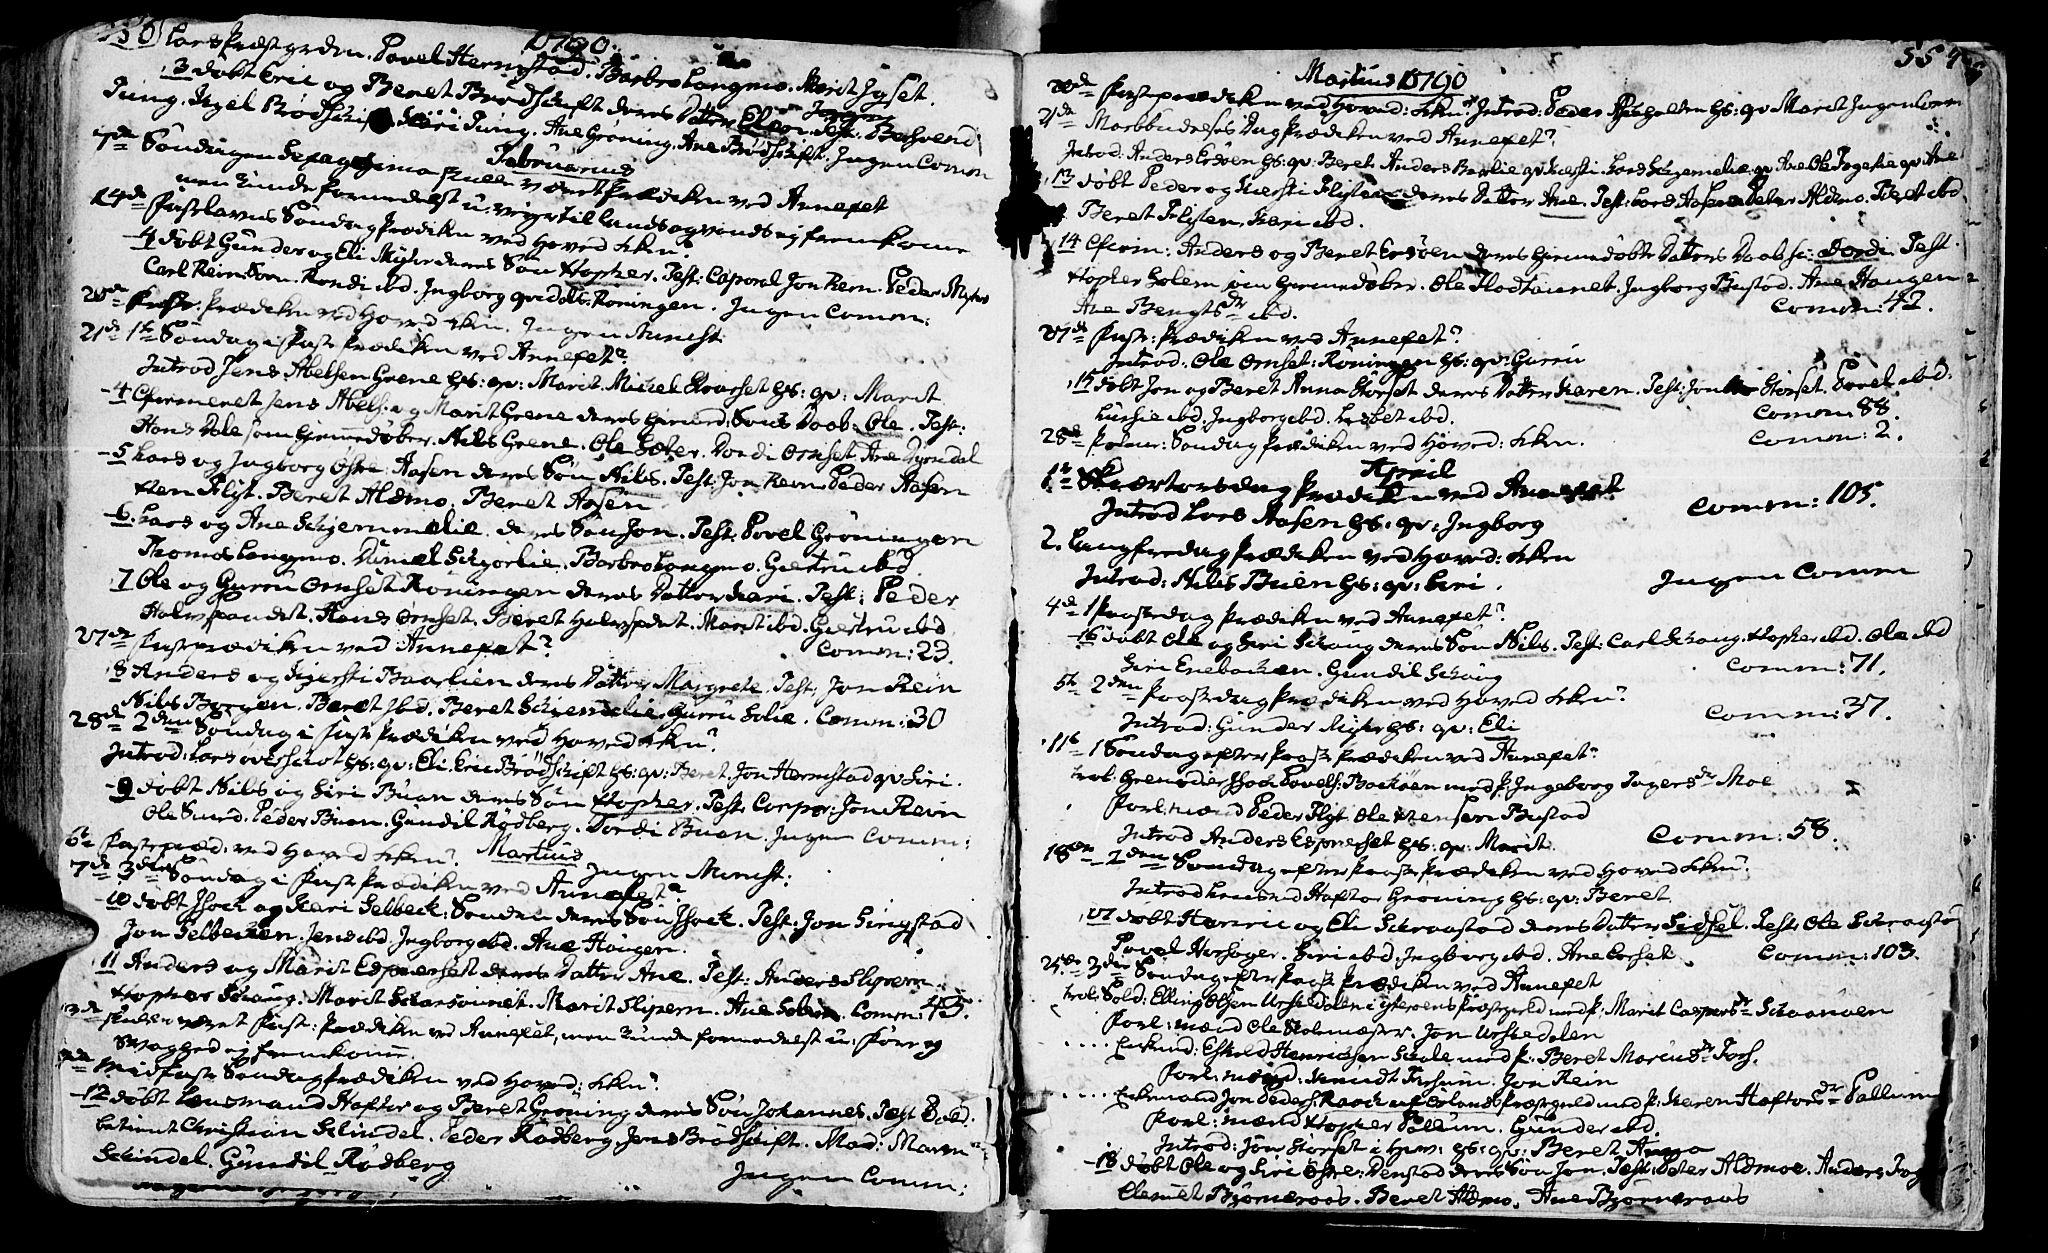 SAT, Ministerialprotokoller, klokkerbøker og fødselsregistre - Sør-Trøndelag, 646/L0605: Ministerialbok nr. 646A03, 1751-1790, s. 556-557